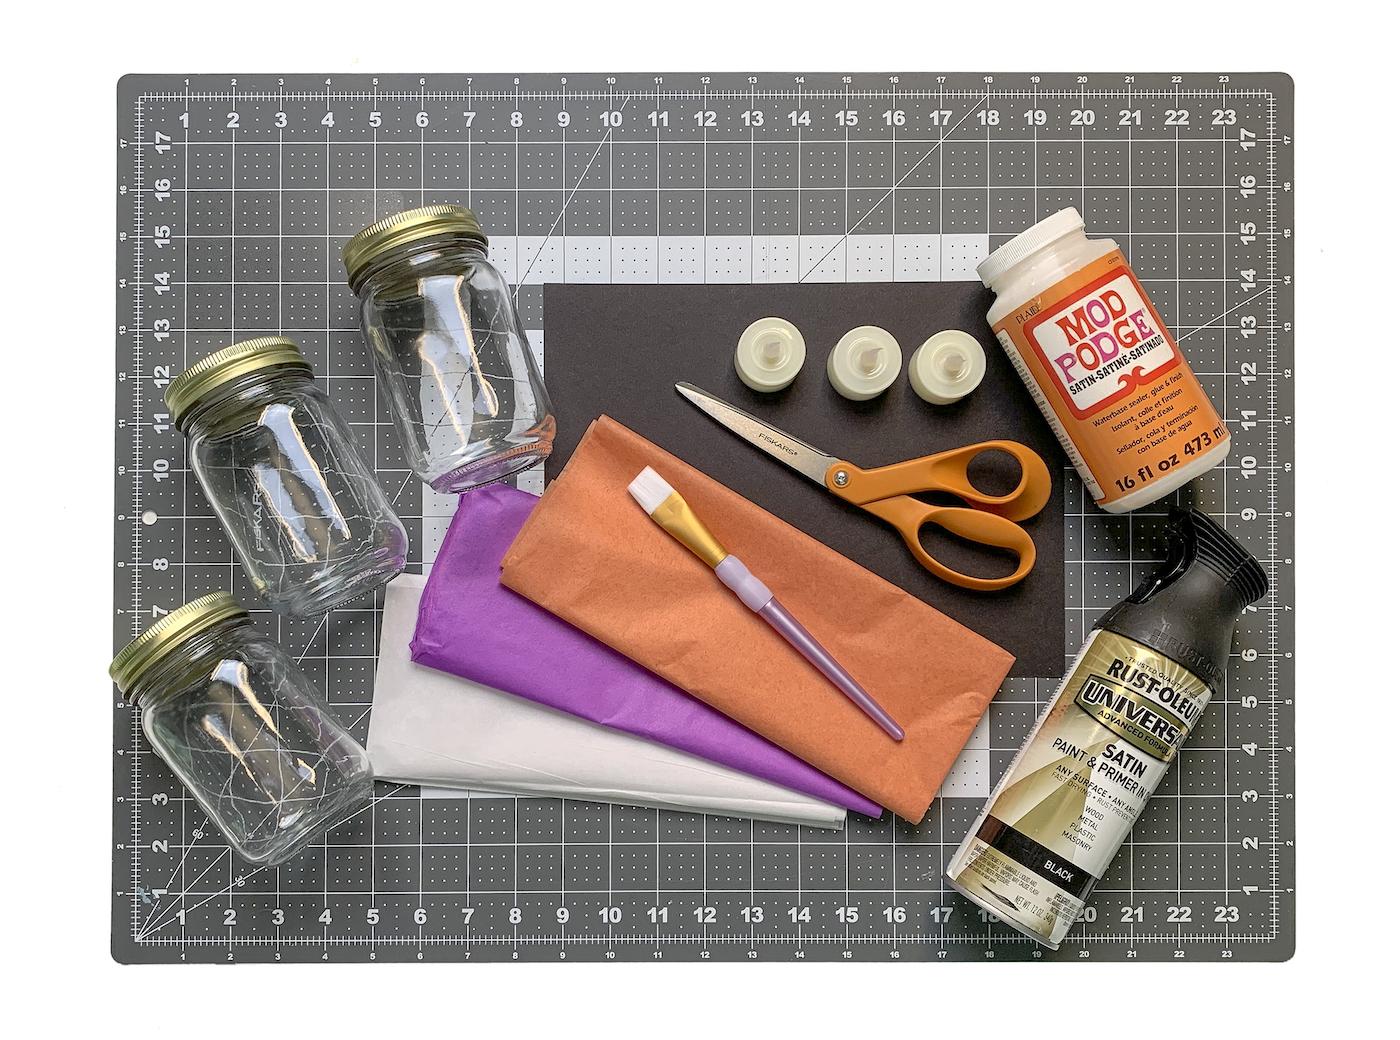 Potes de pedreiro lenço de papel Tesoura Mod Podge LED luzes pincel, papel preto e tinta spray preta